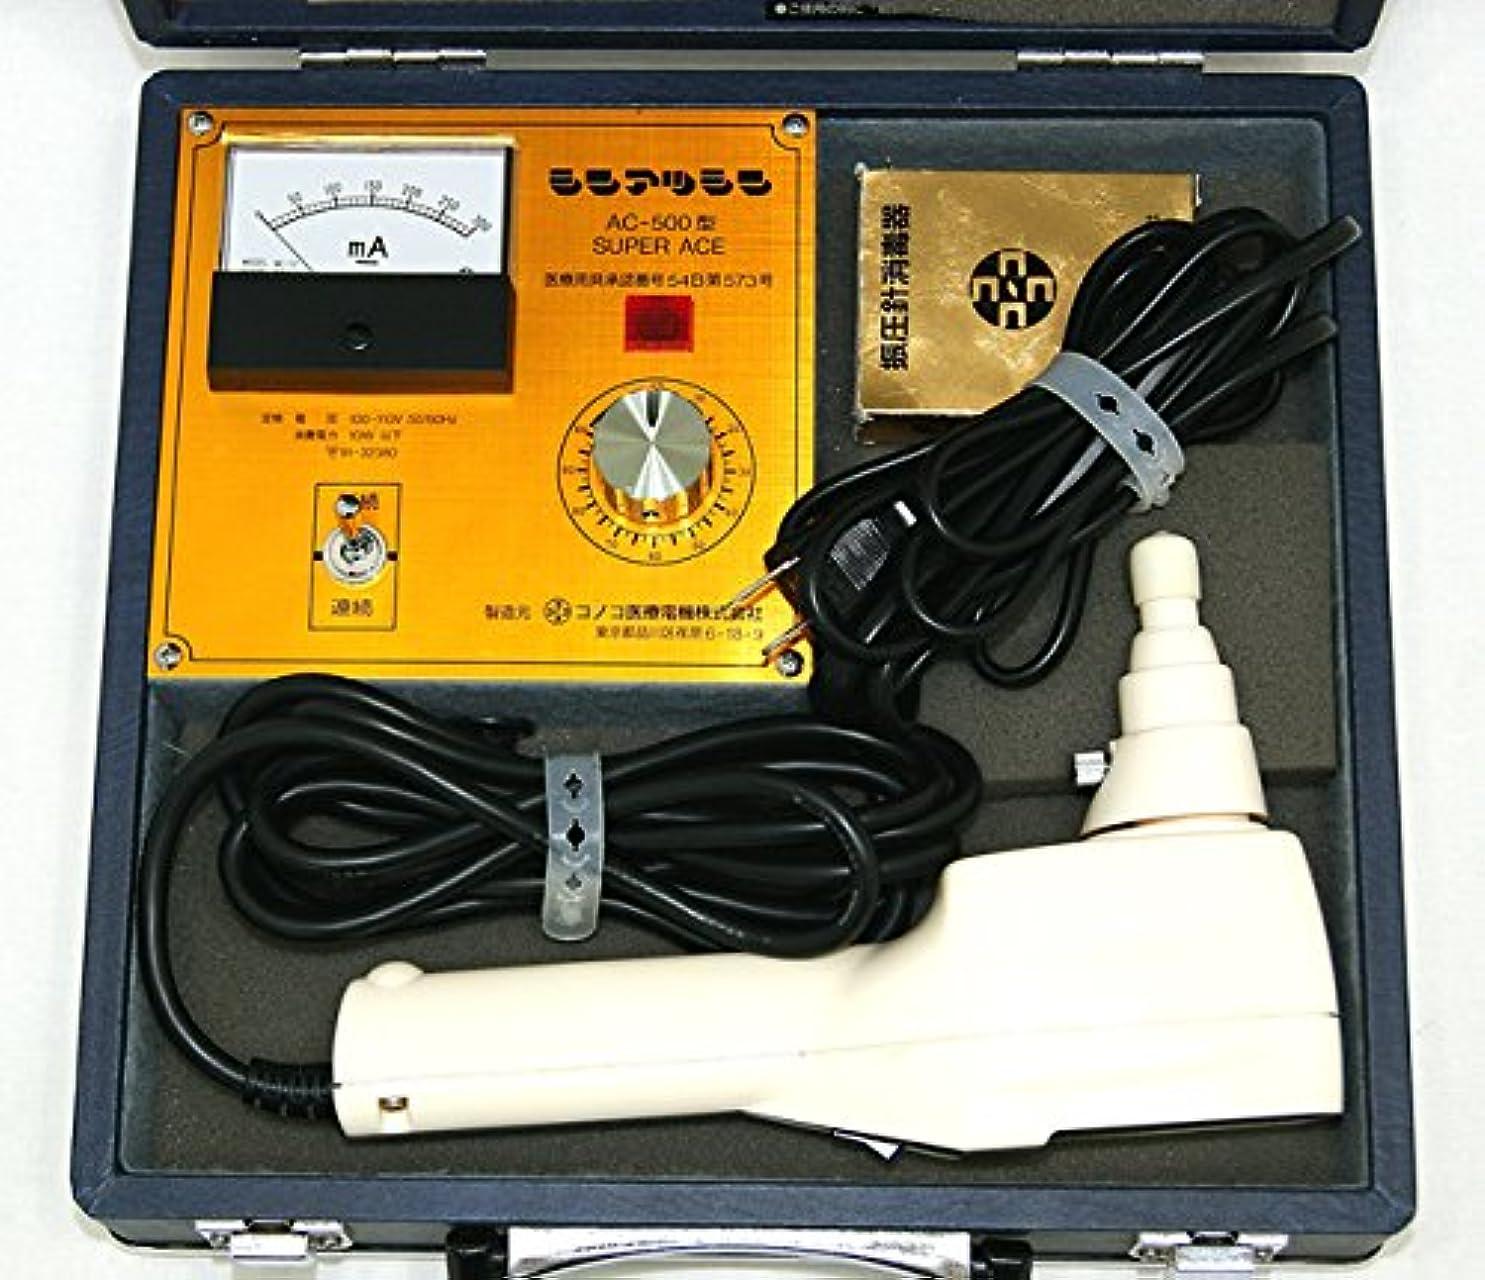 スカリー突進考えたコノコ医療電機株式会社 シンアツシン AC500型(振圧針/AC-500型 SUPER ACE) 家庭用電気マッサージ器